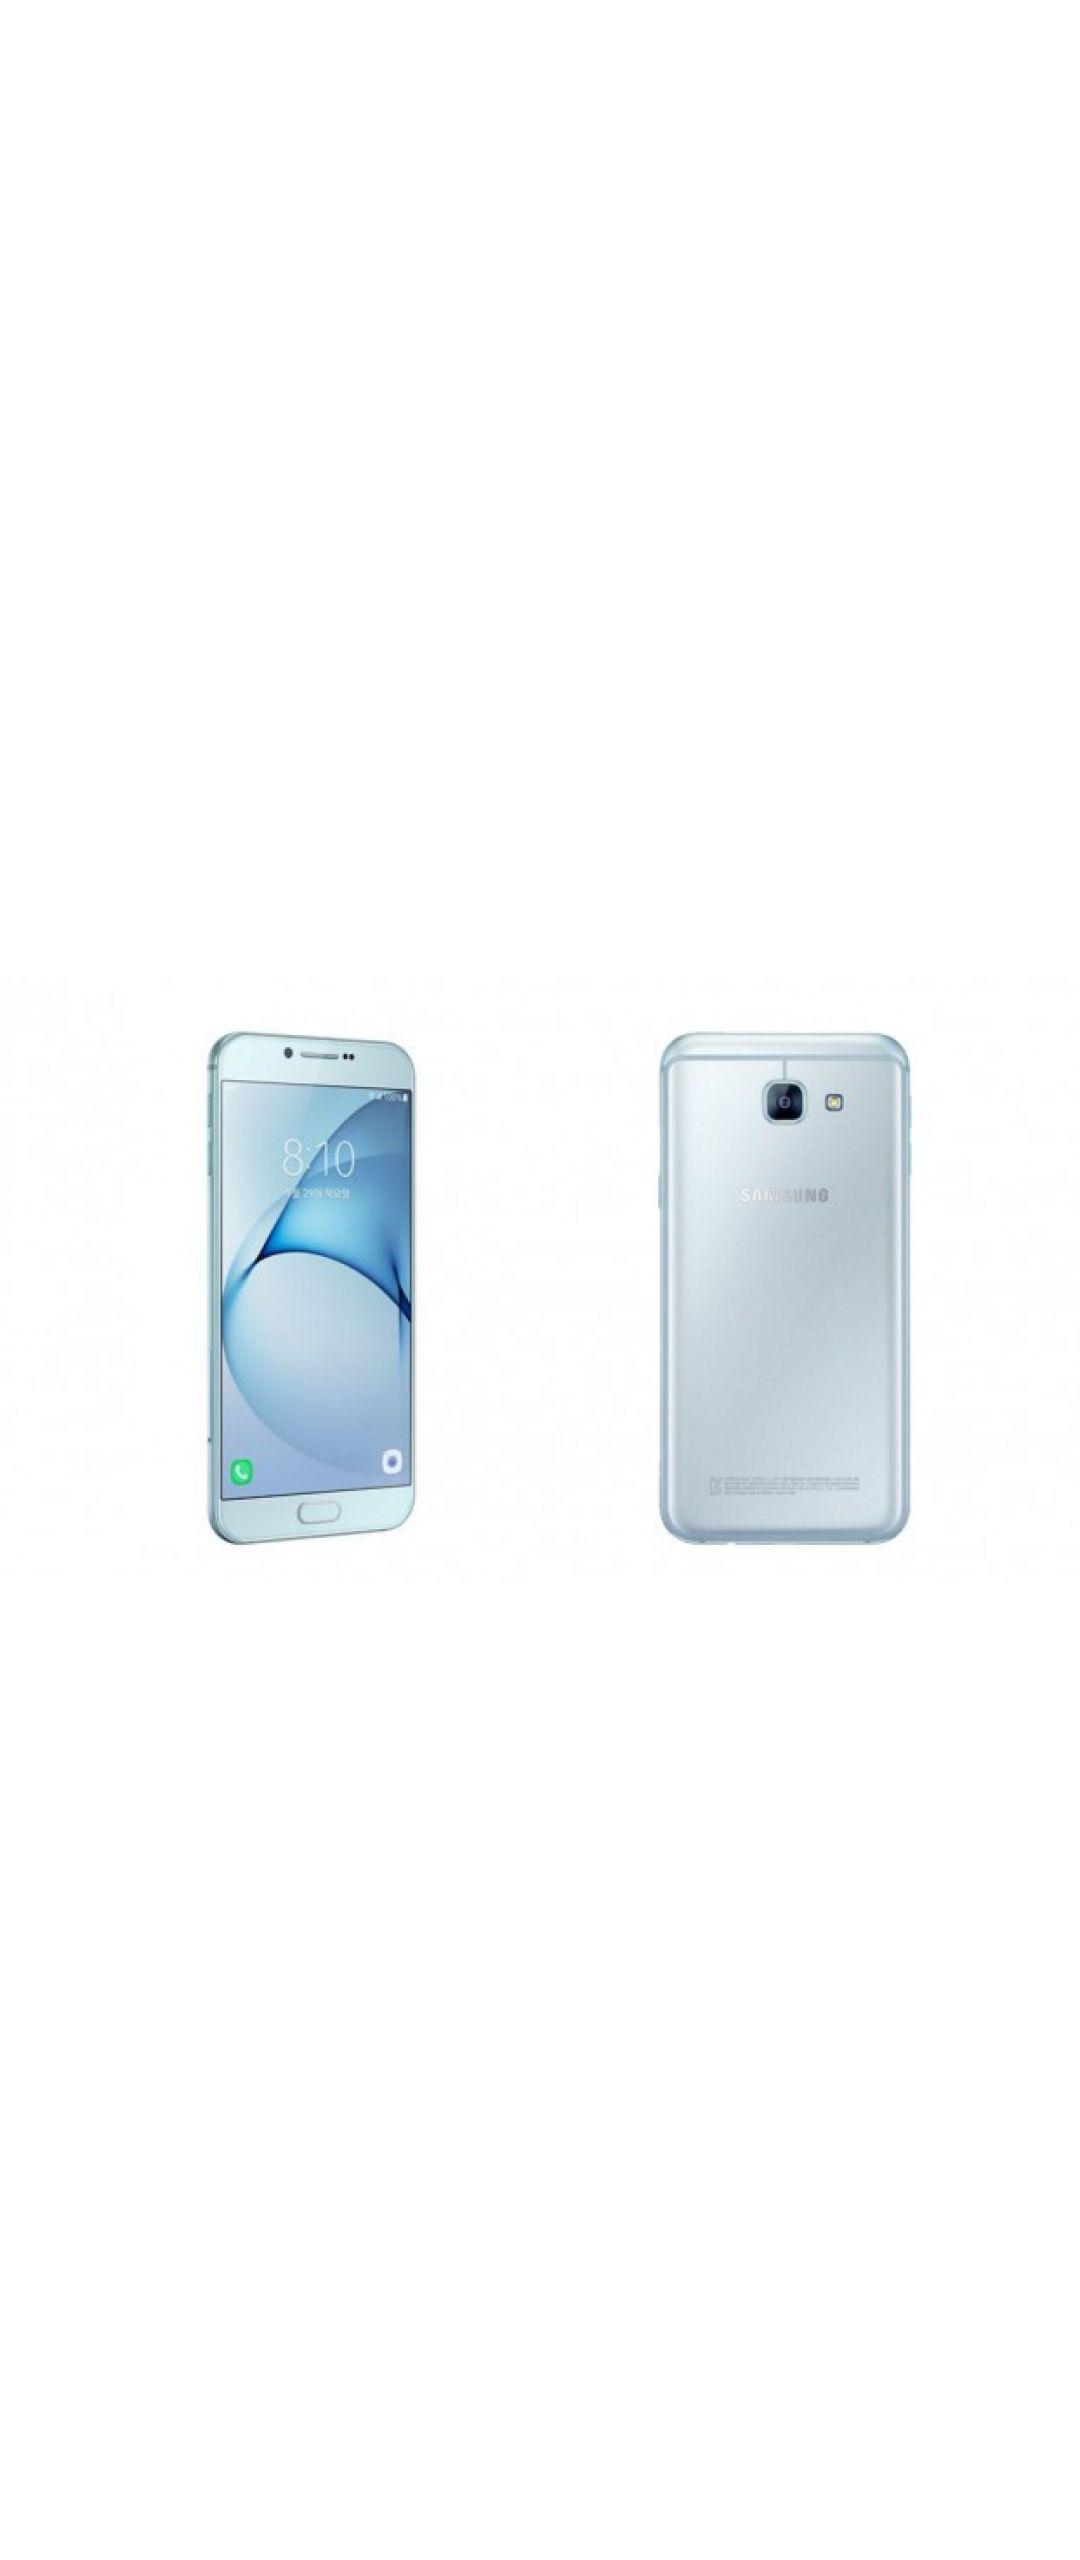 Samsung Galaxy A8 2016 no es más que un S6 con nueva apariencia